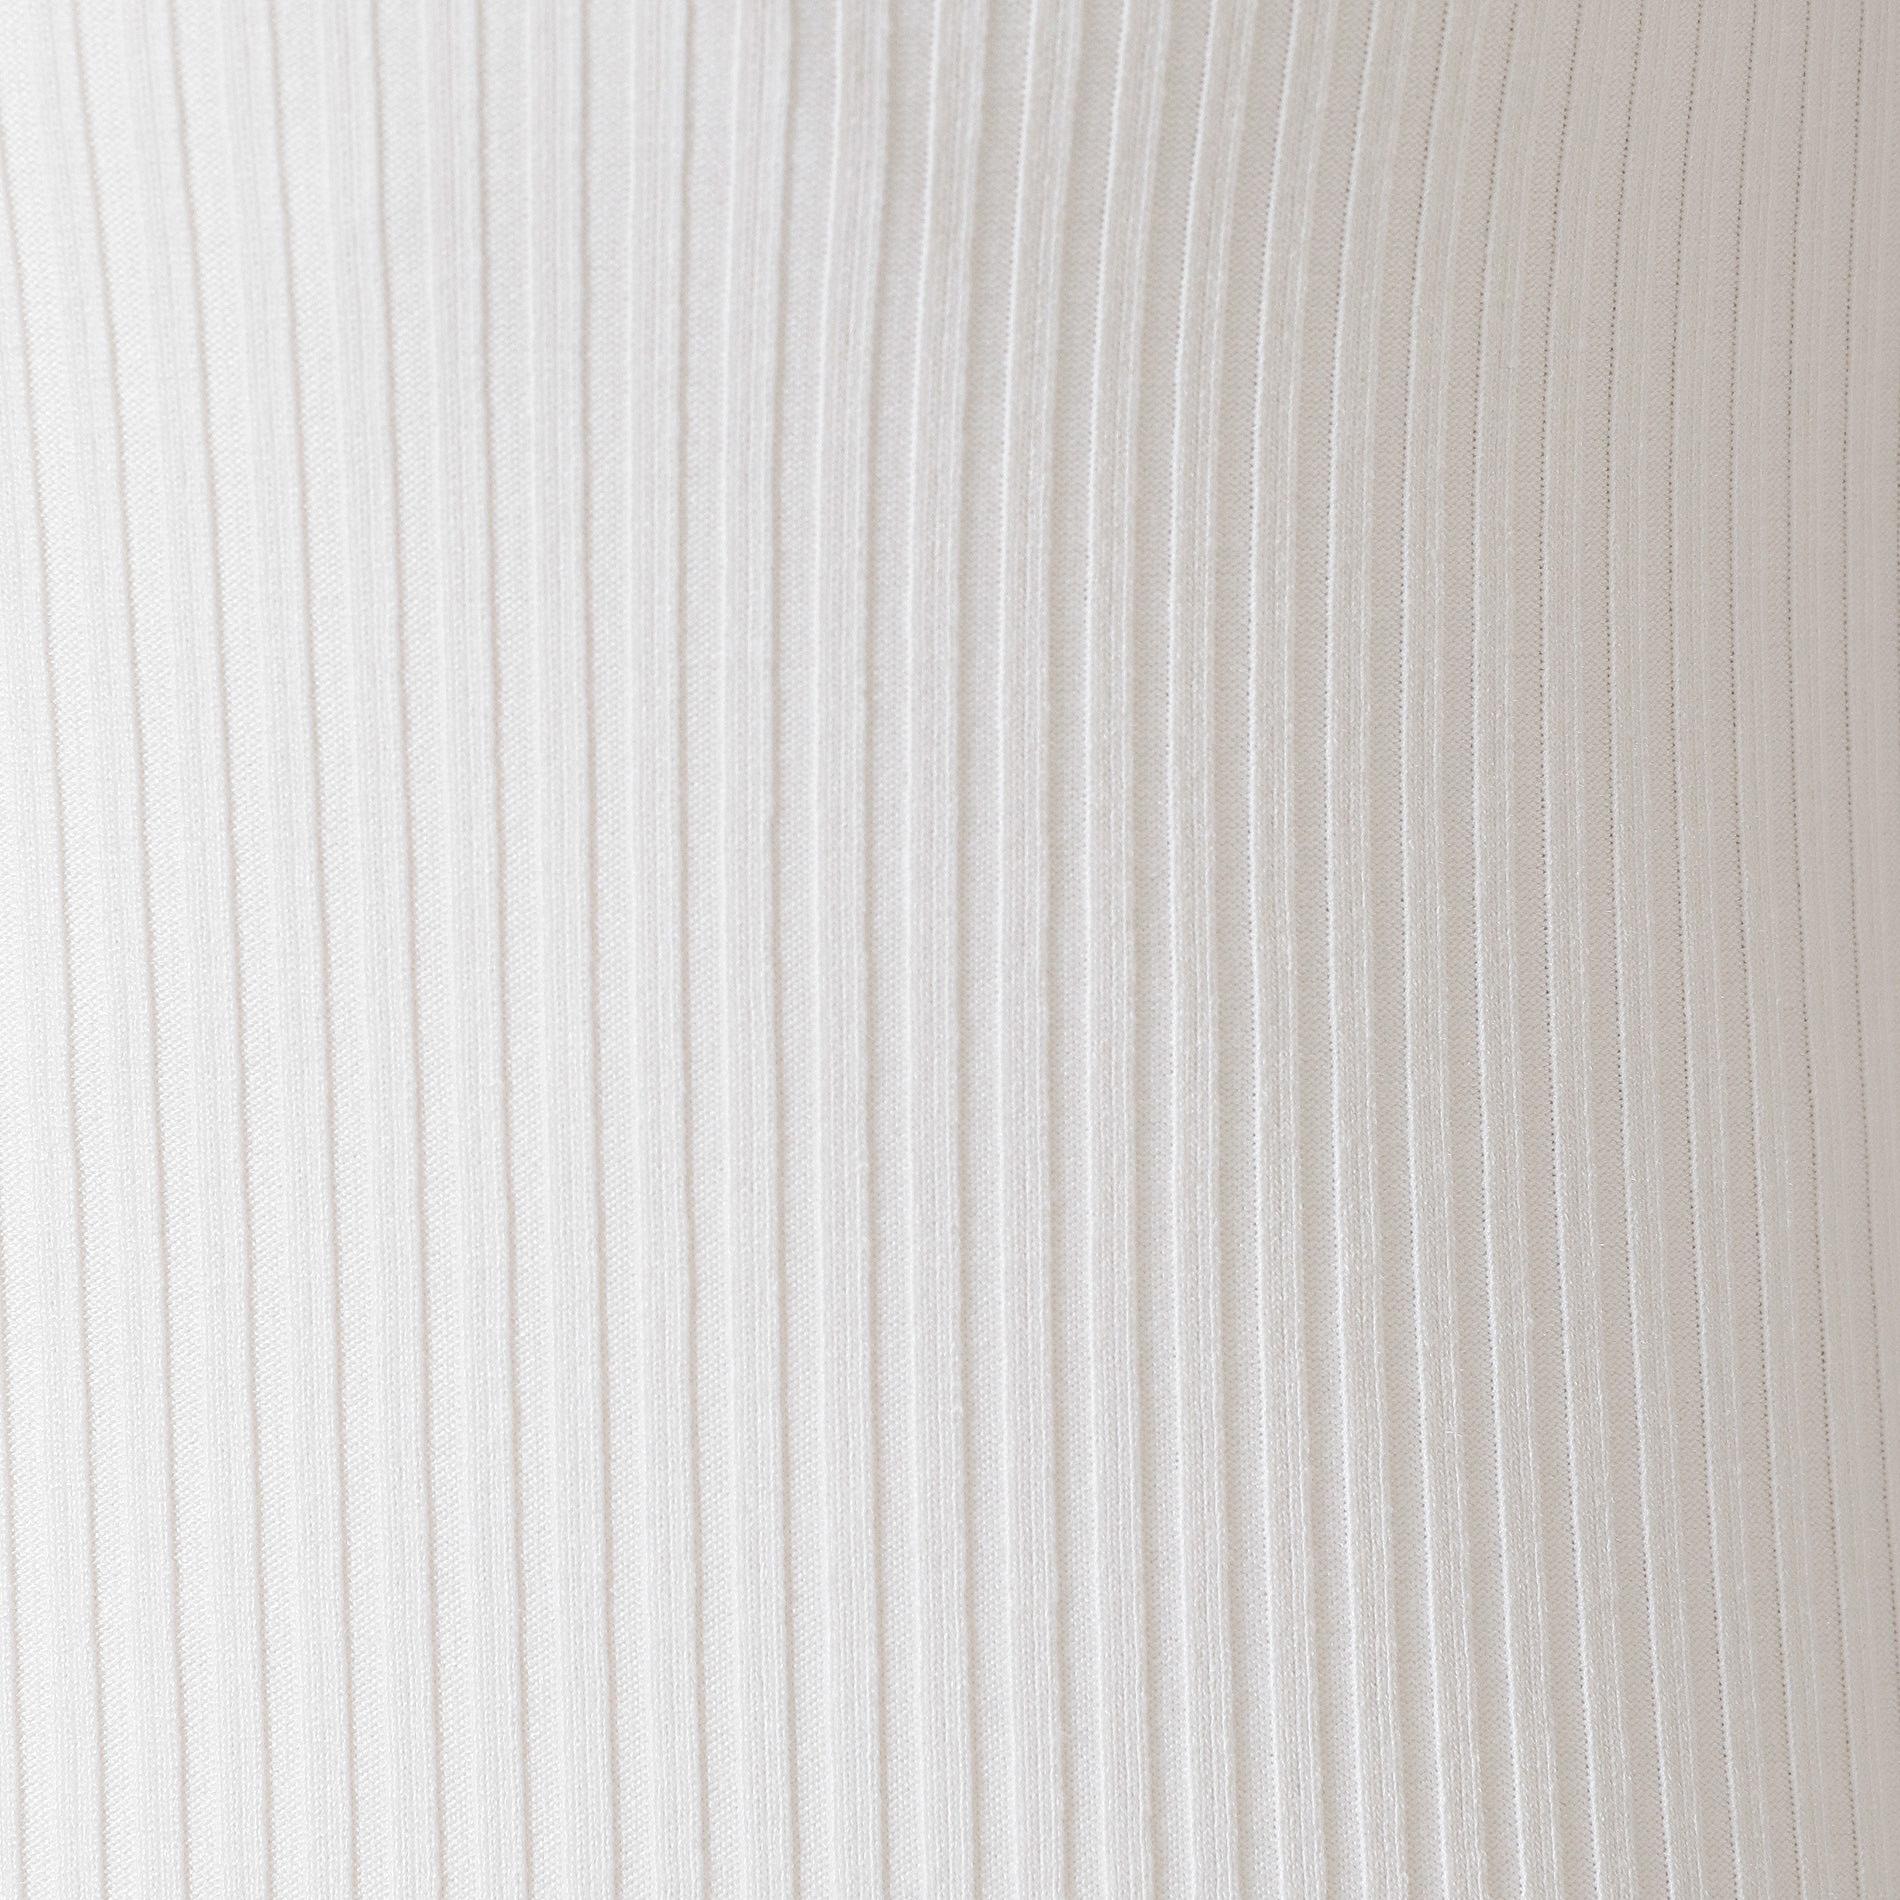 ◆◆ストレッチリブタンクトップ